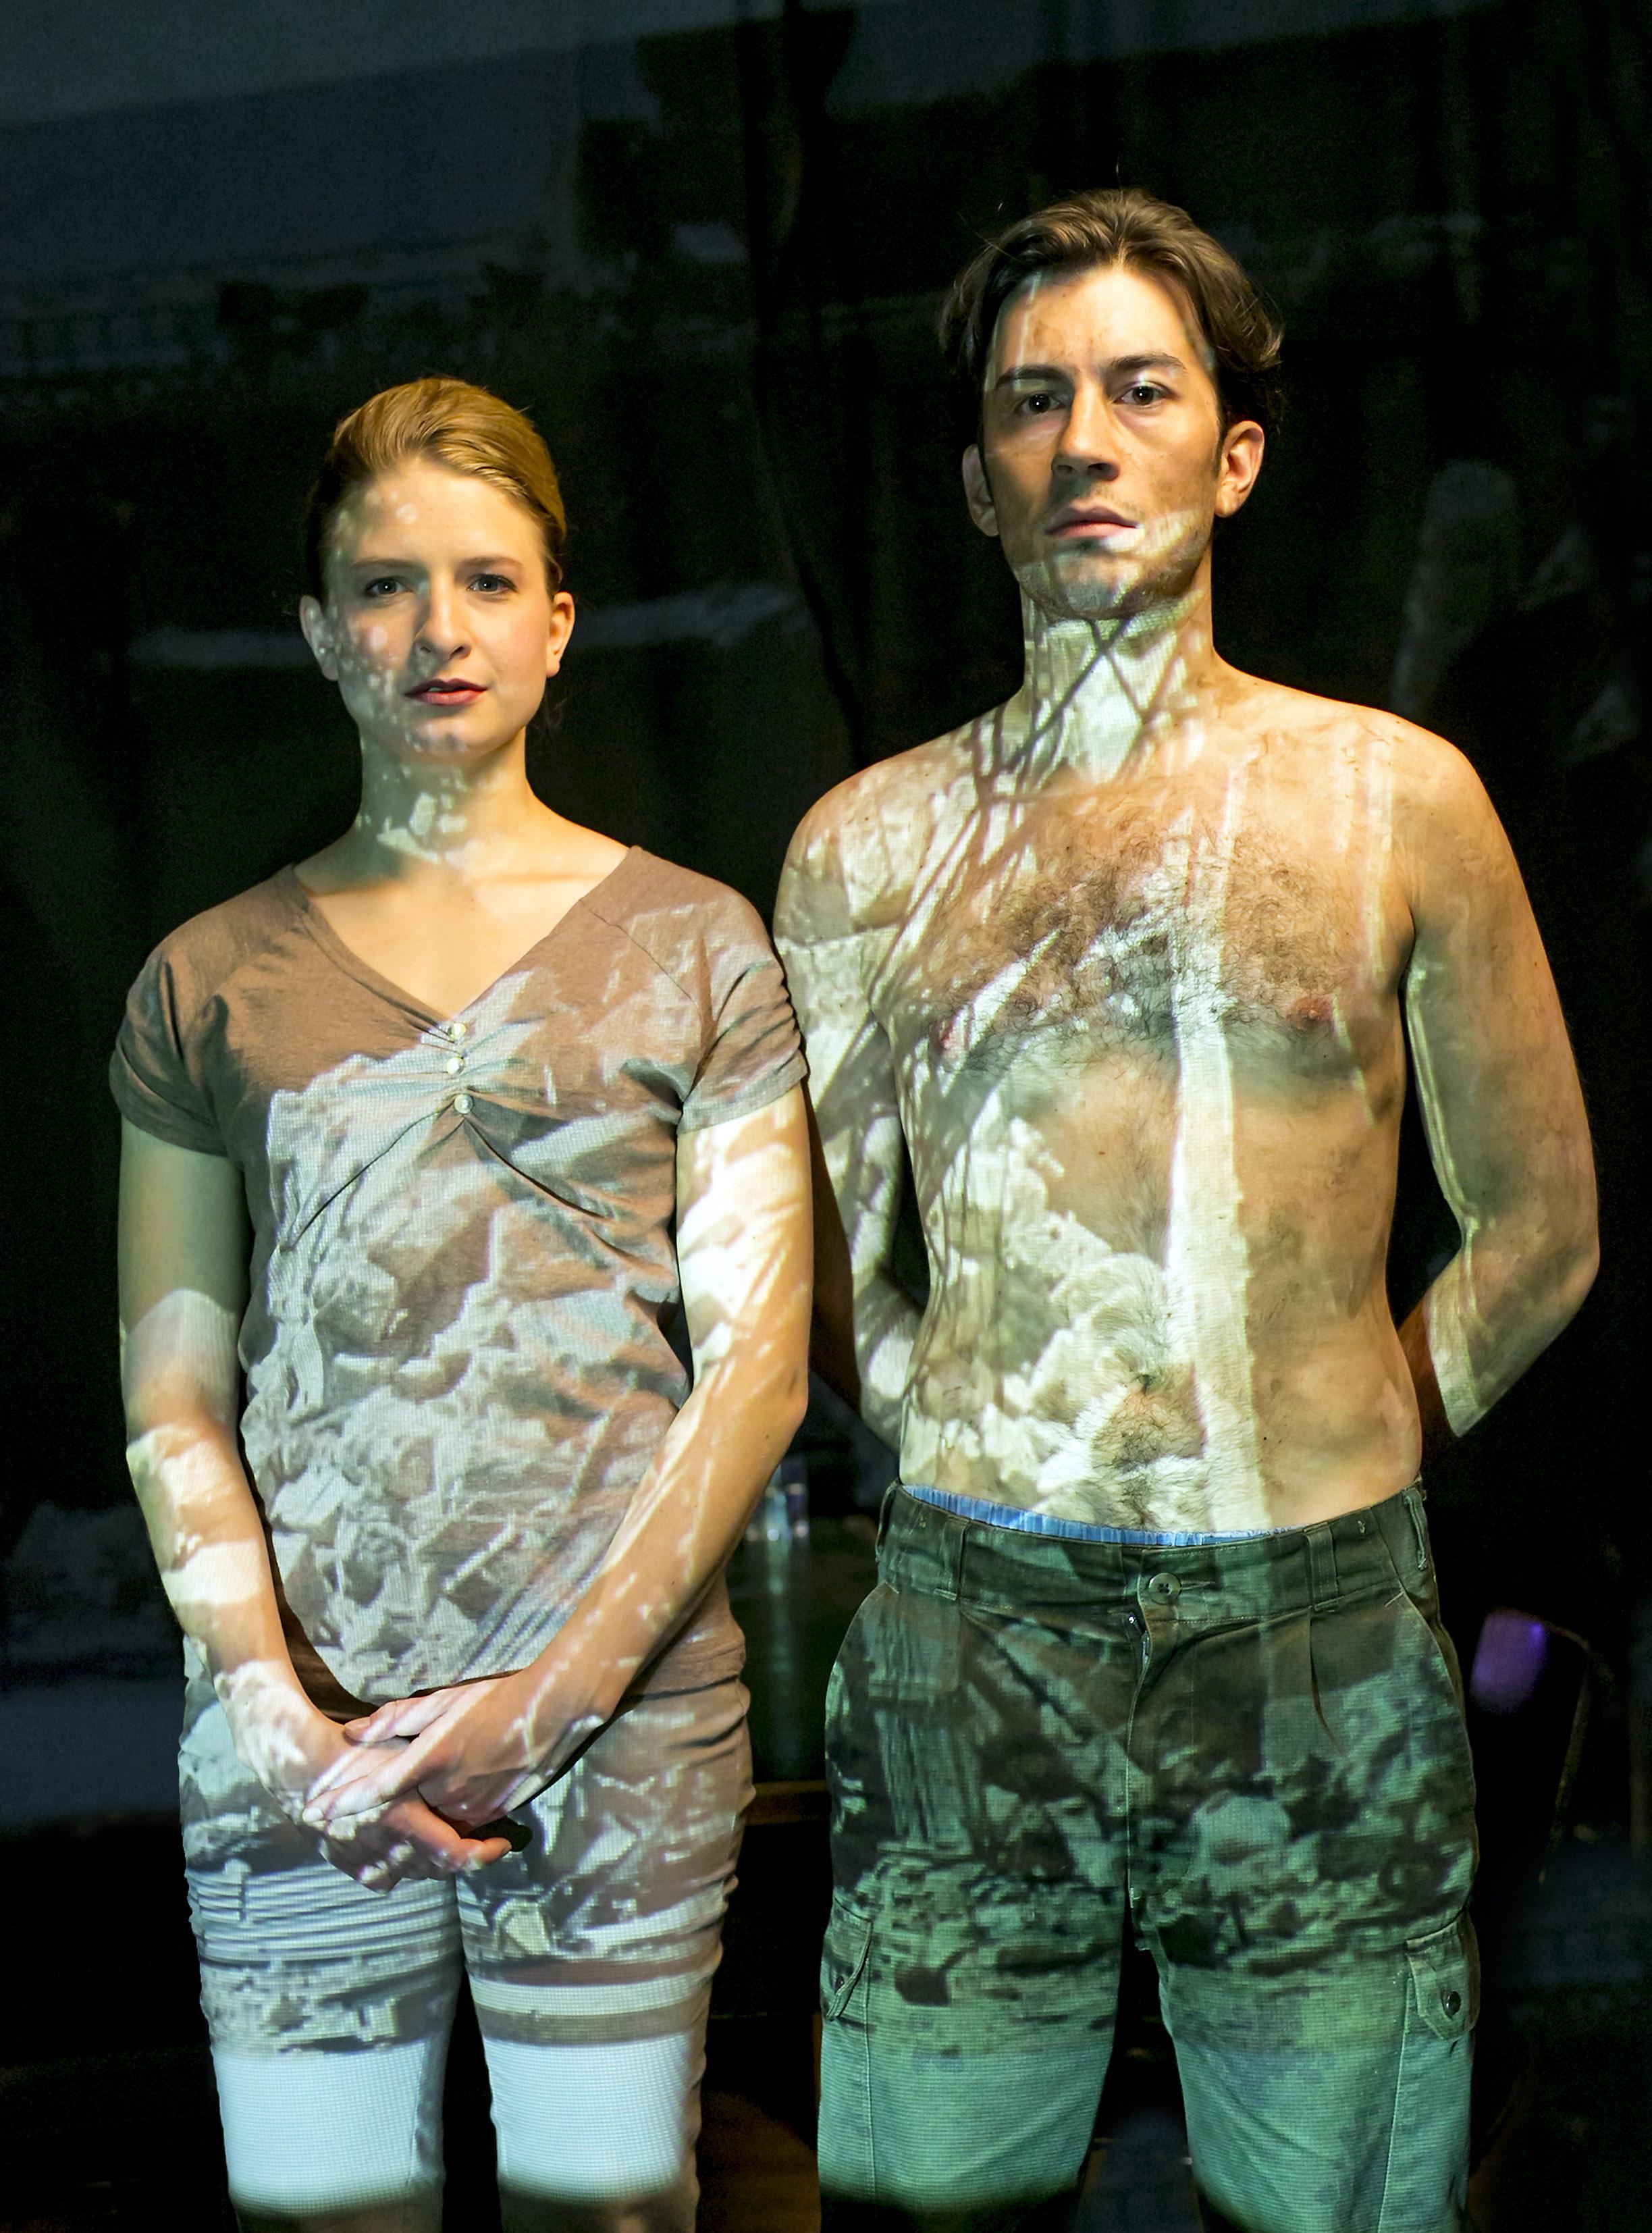 Urauffuehrung nach Juergen Todenhoefers Buch: Inside IS . Grips Theater Berlin, 12. Oktober 2016. Vorabfoto, bitte nach der Premiere als solches kennzeichnen.